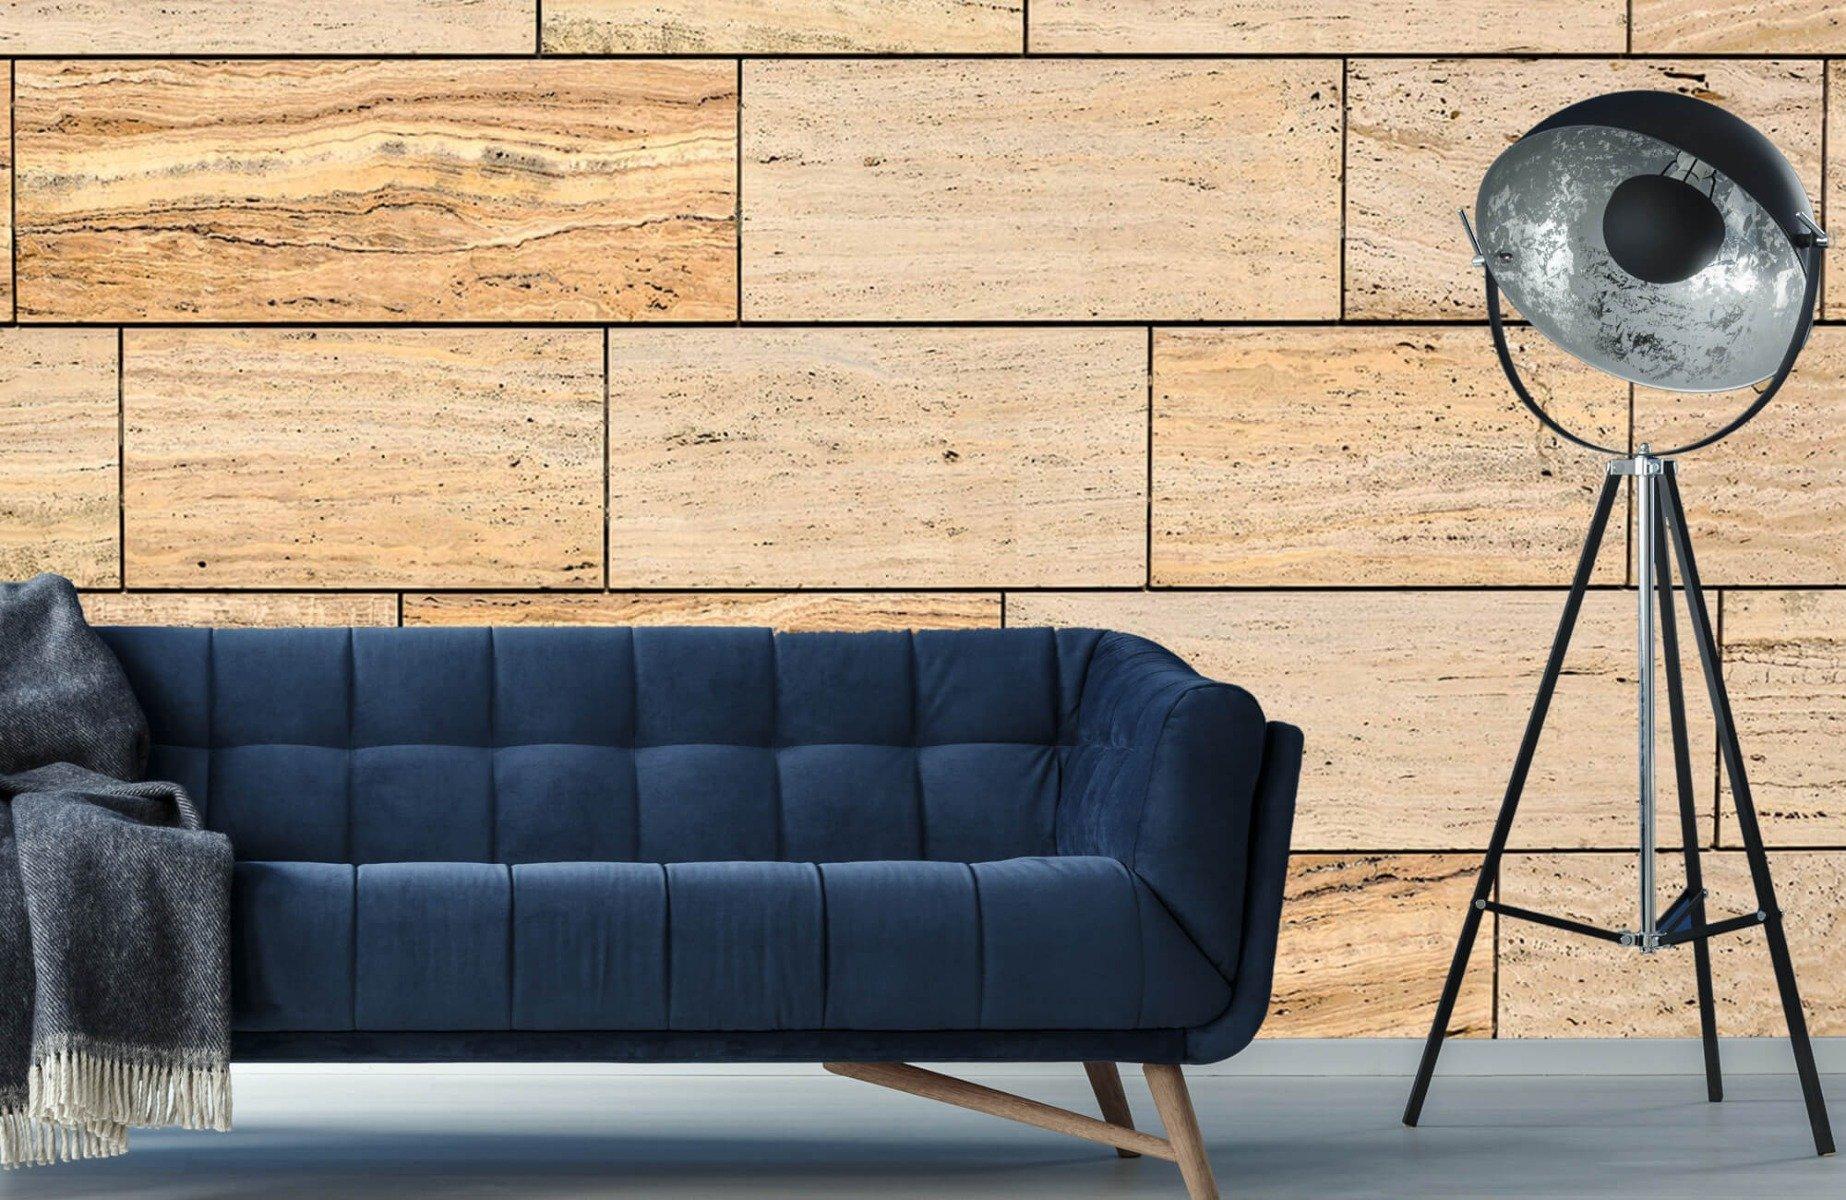 Steen behang - Marmeren muur - Wallexclusive - Slaapkamer 1